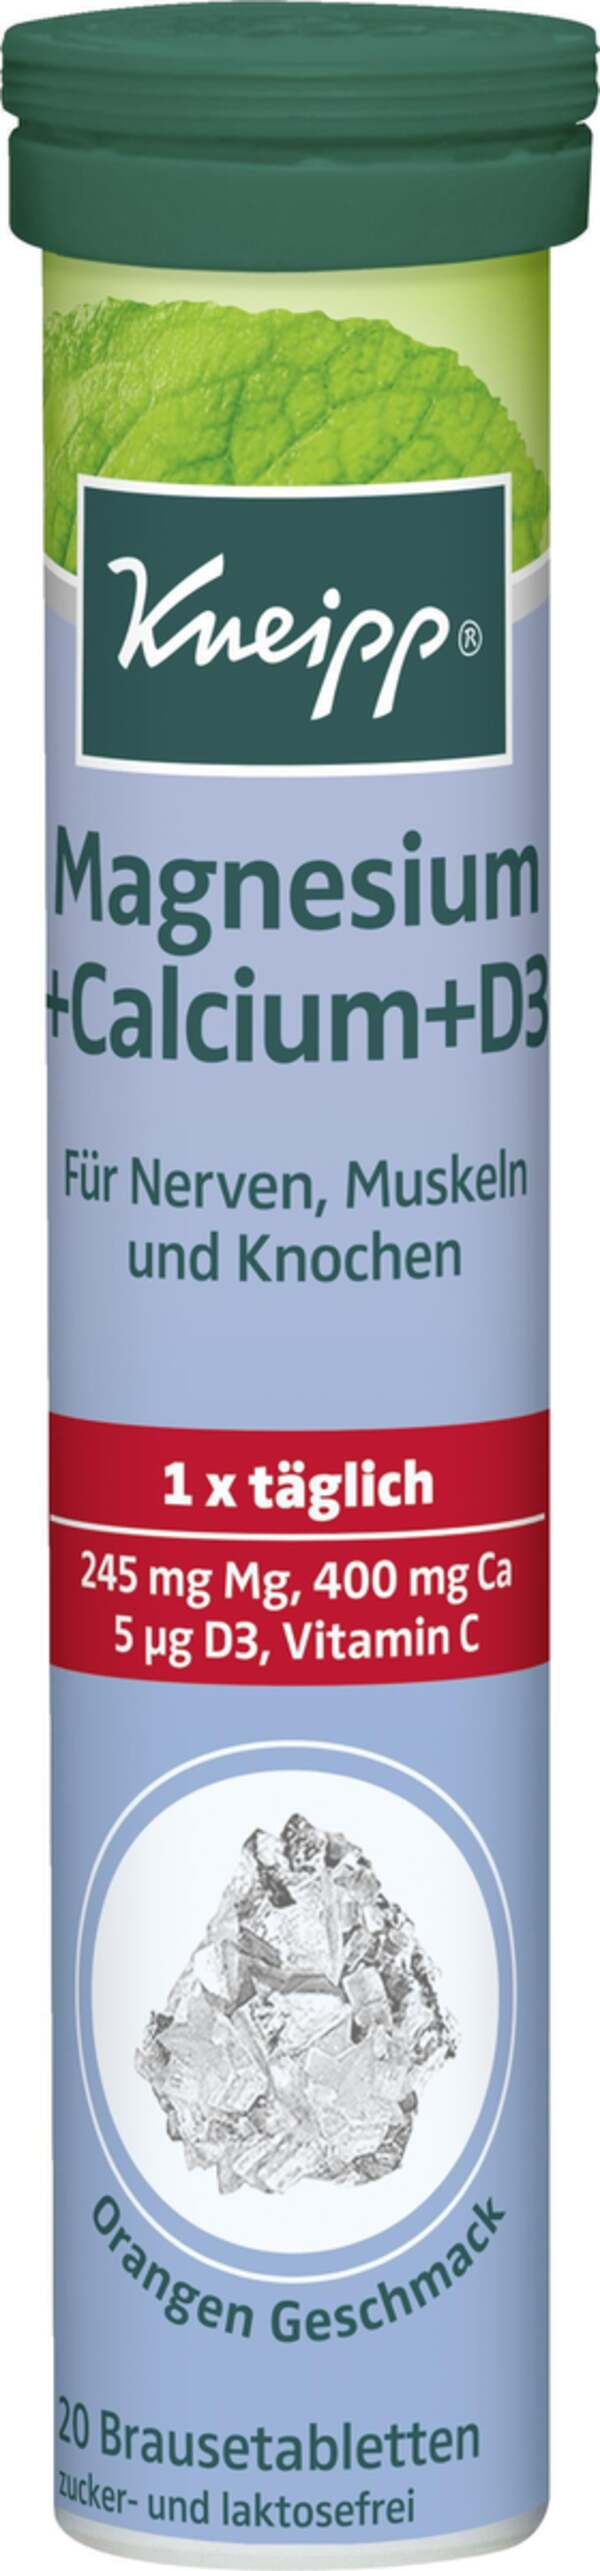 Kneipp Brausetabletten Magnesium + Calcium +D3